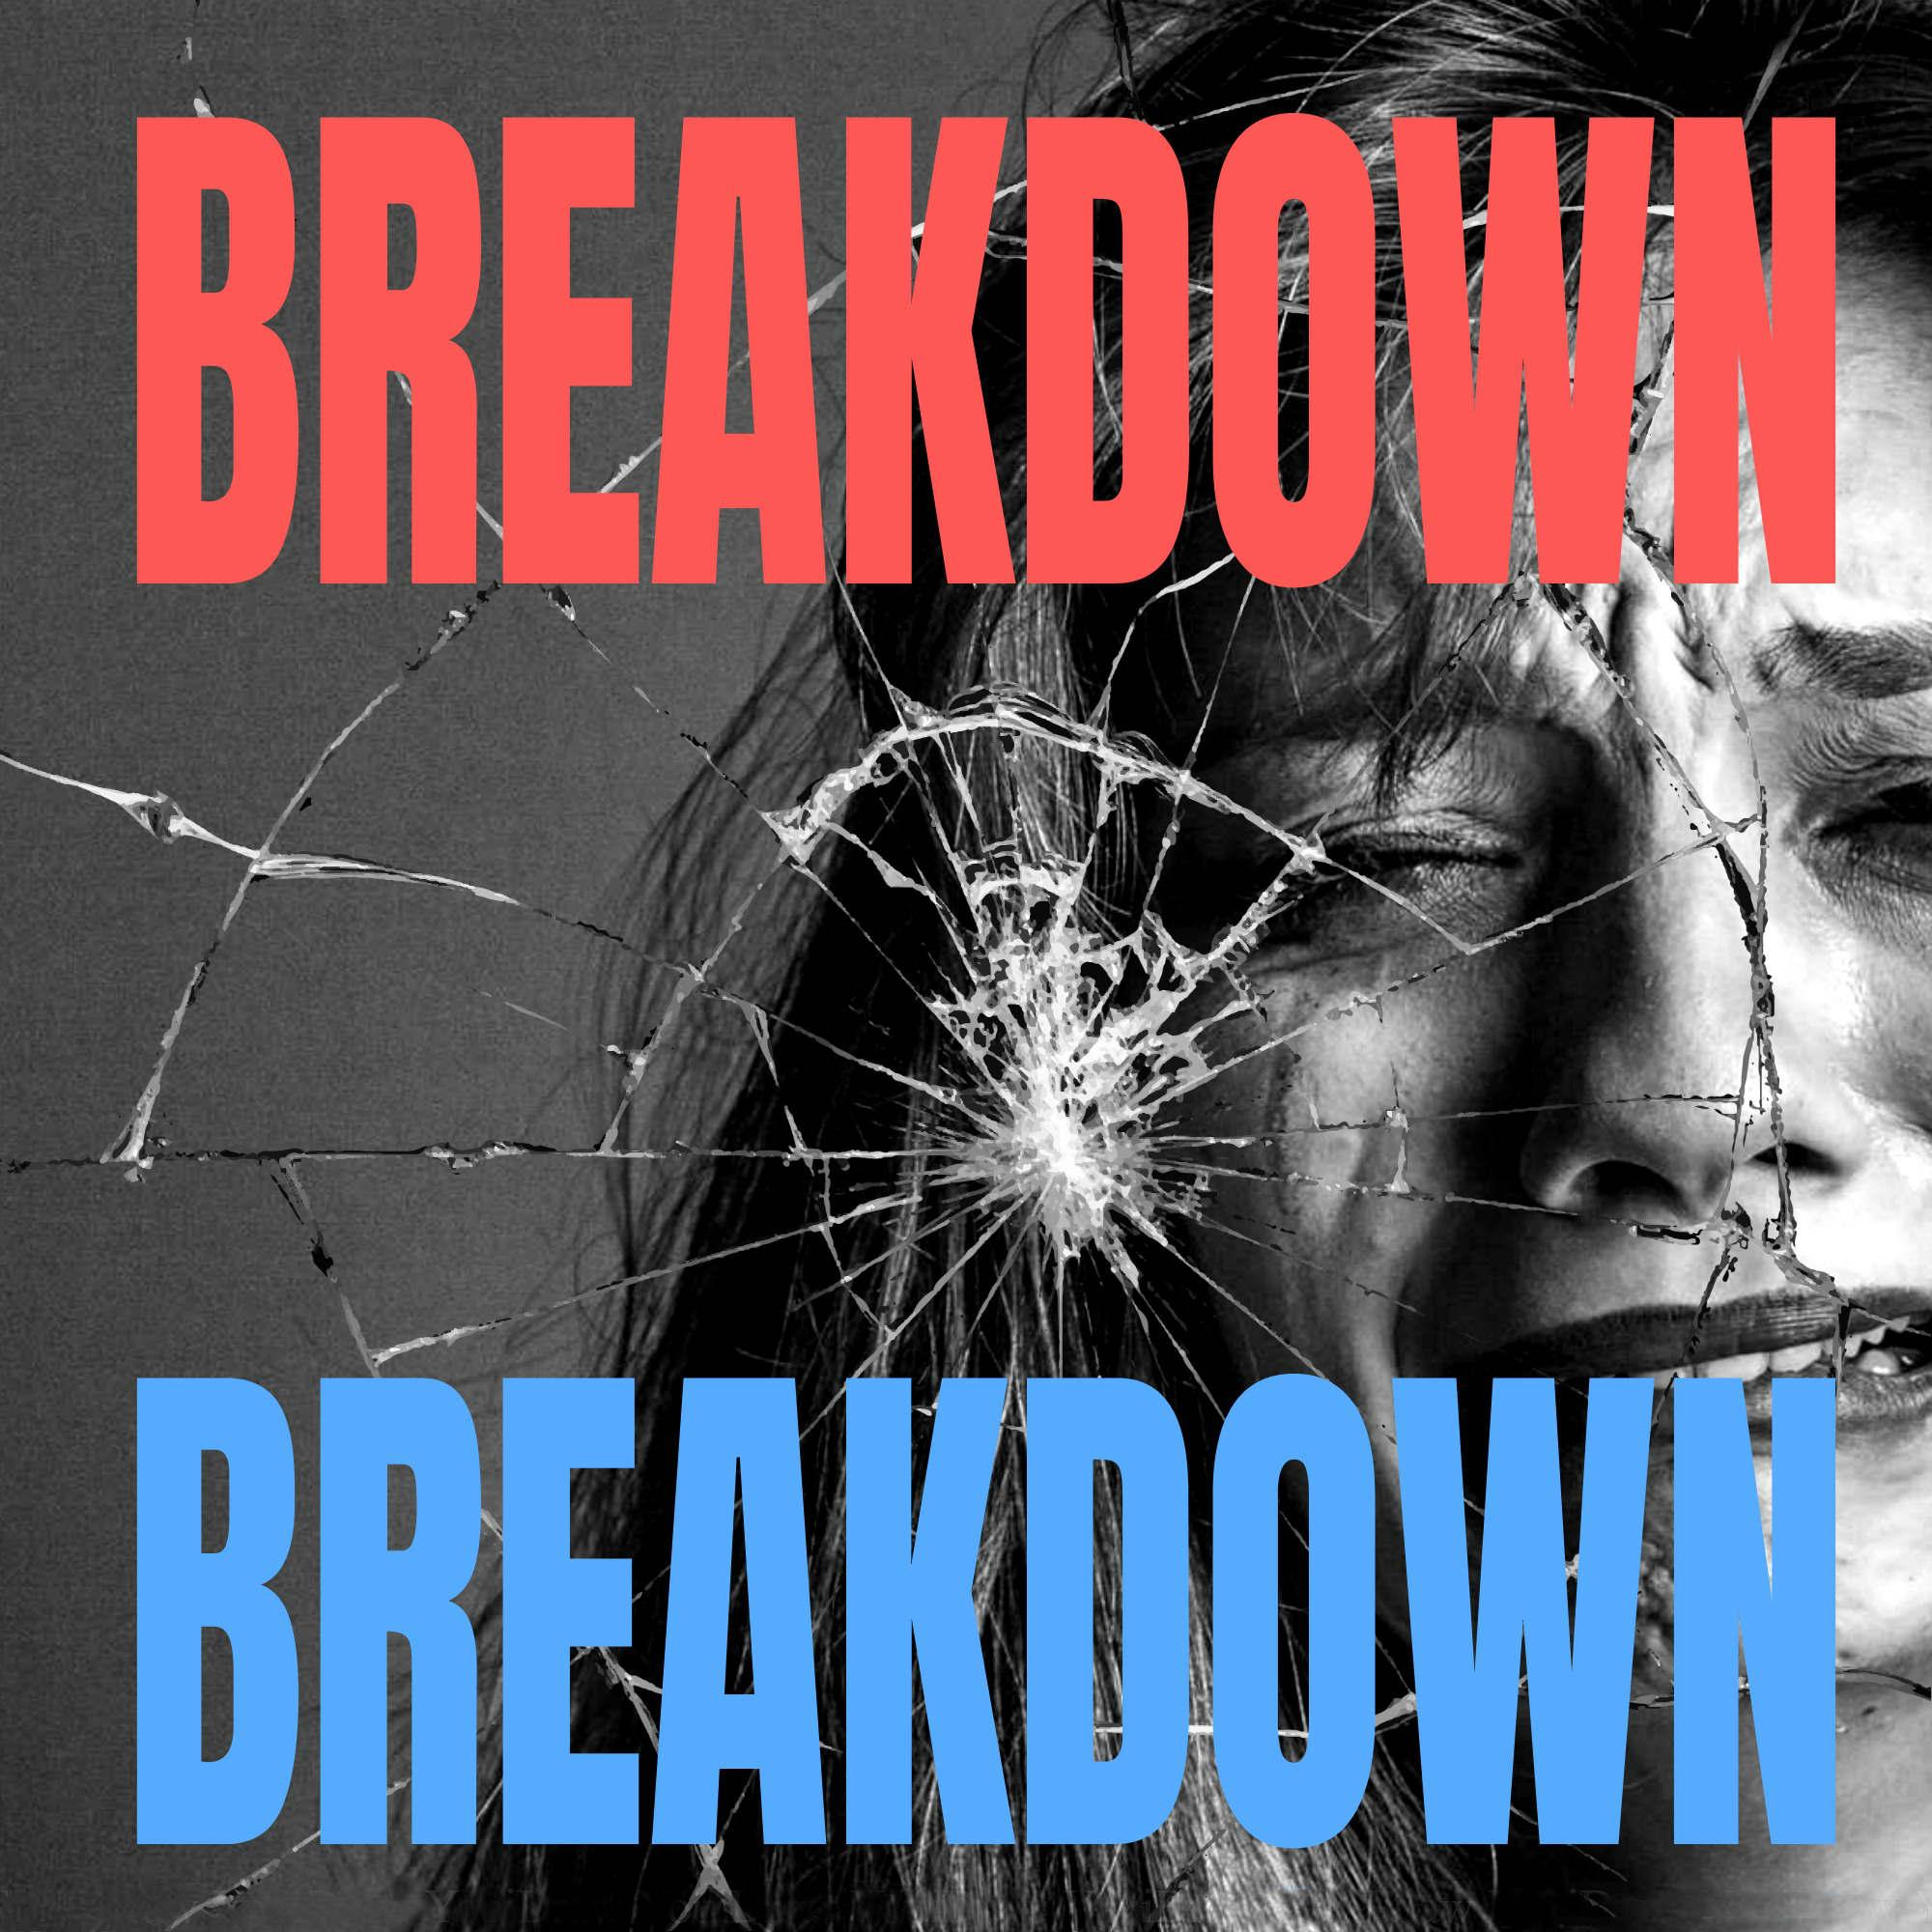 Breakdown Breakdown